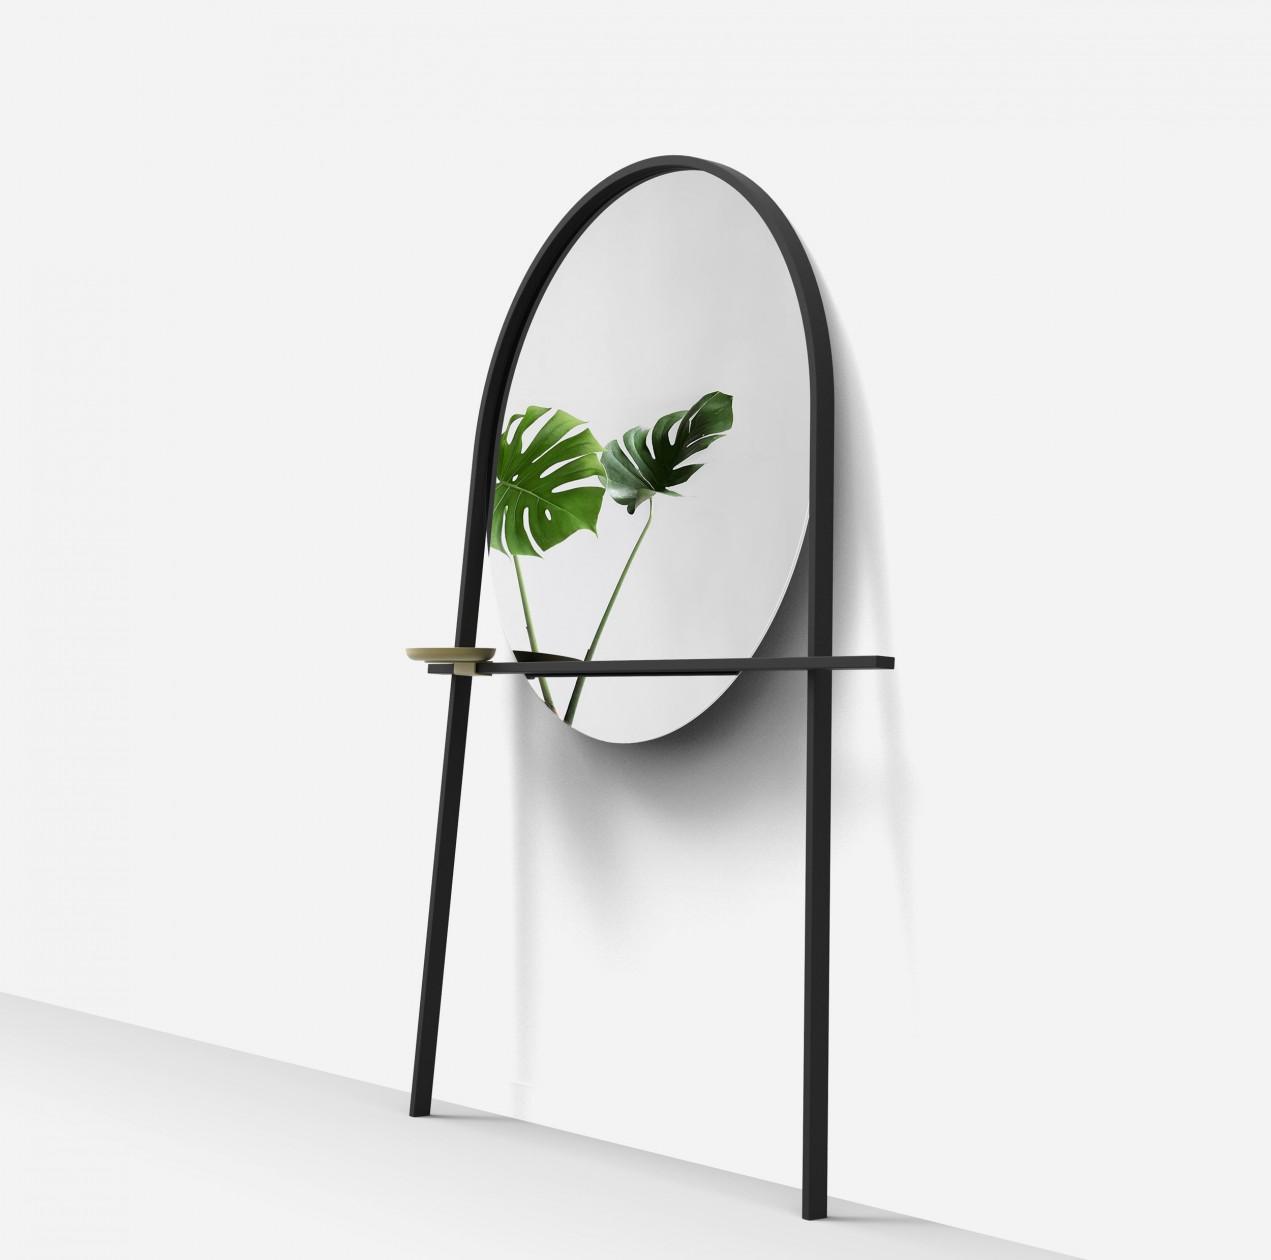 geoffrey alain gilles. Black Bedroom Furniture Sets. Home Design Ideas